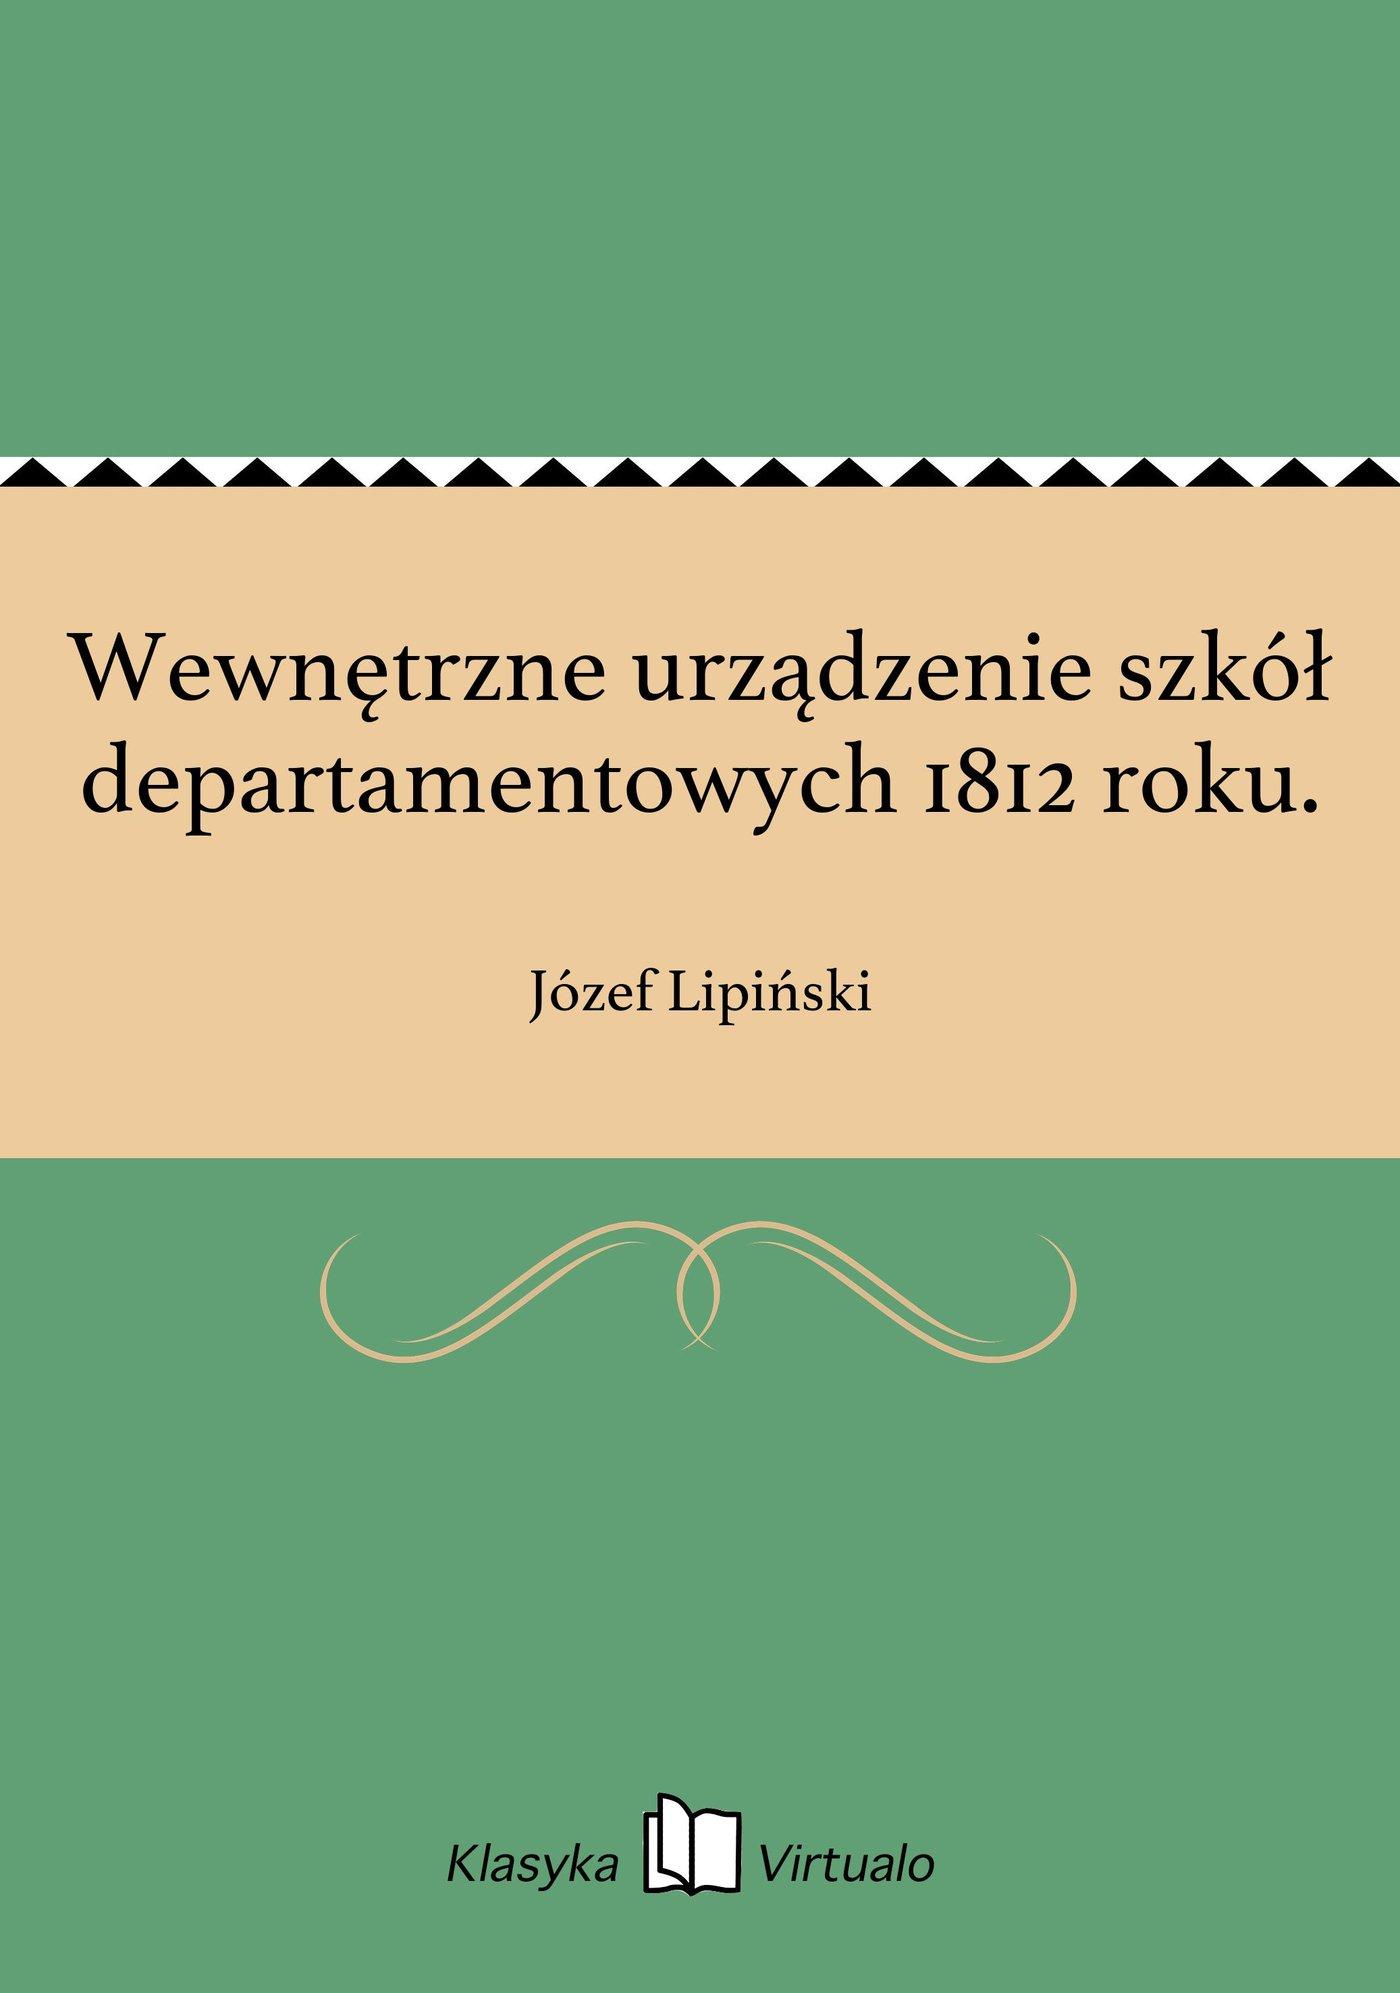 Wewnętrzne urządzenie szkół departamentowych 1812 roku. - Ebook (Książka EPUB) do pobrania w formacie EPUB